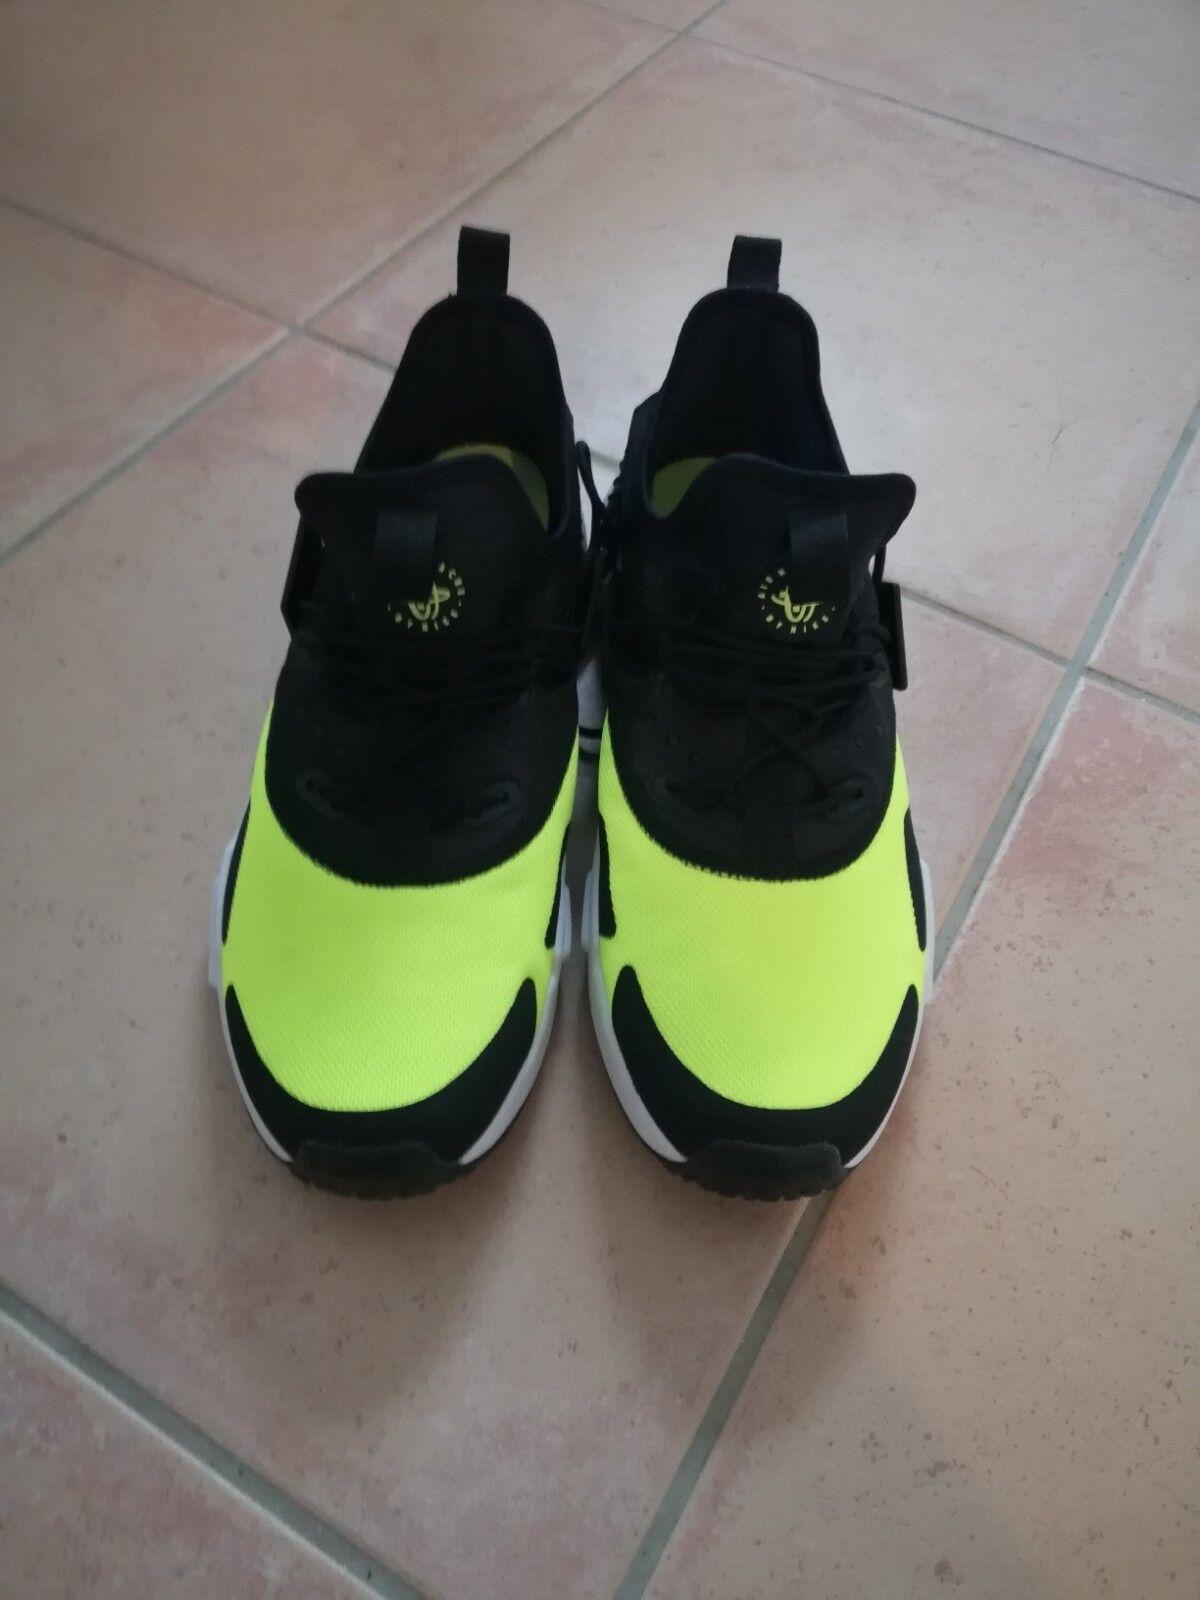 new arrival 73dd7 600ea Nike air huarache drift drift drift schwarz volt, Gr. 44, NEU Helle farben  b93187